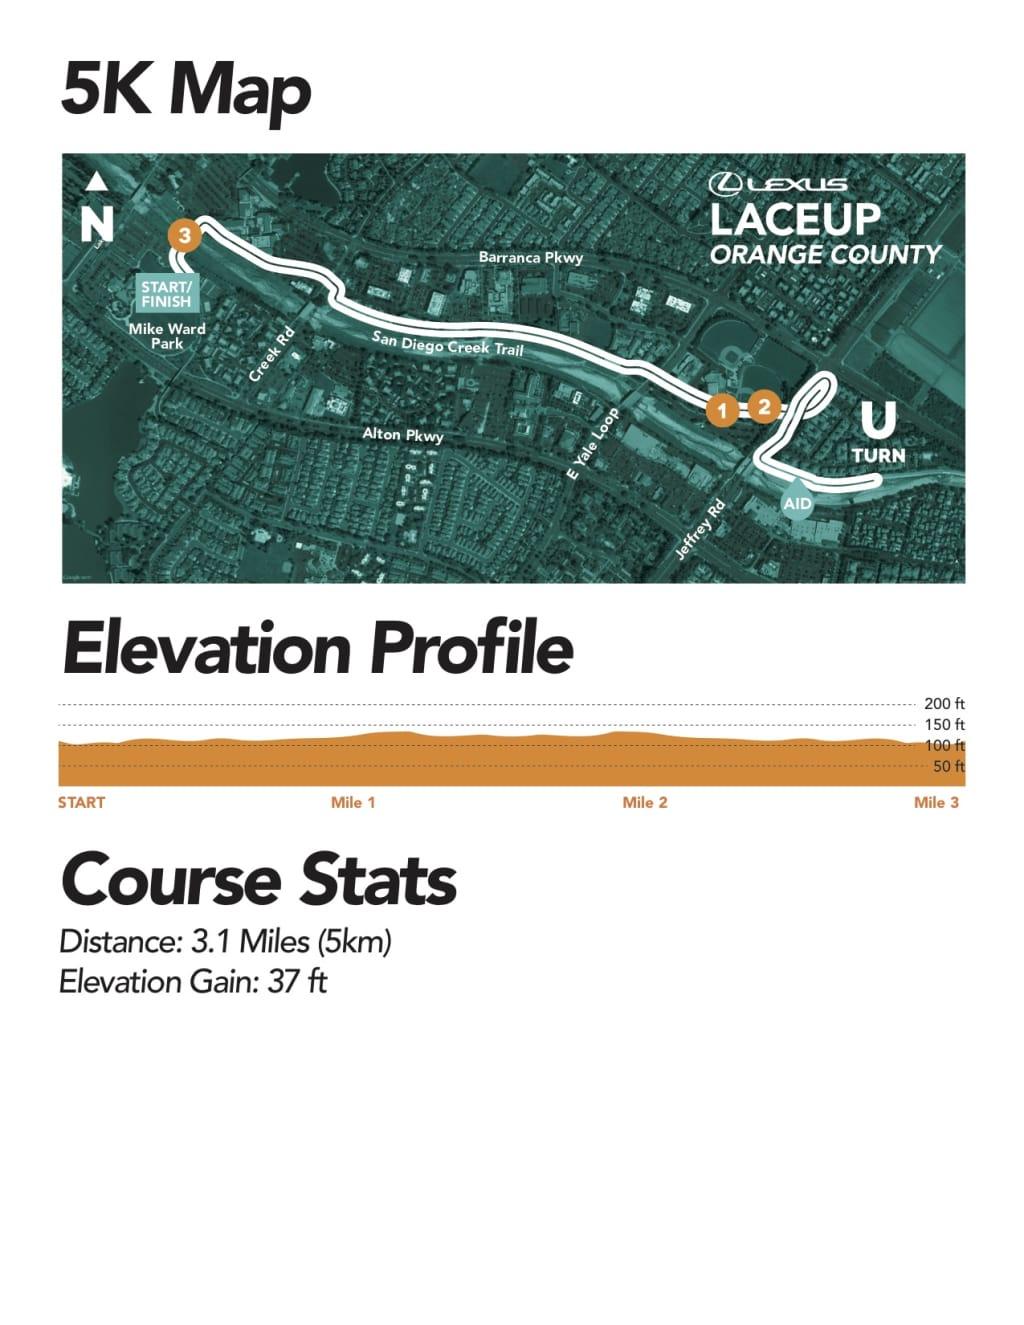 LU18_OC-maps_5K_v2-1.jpg